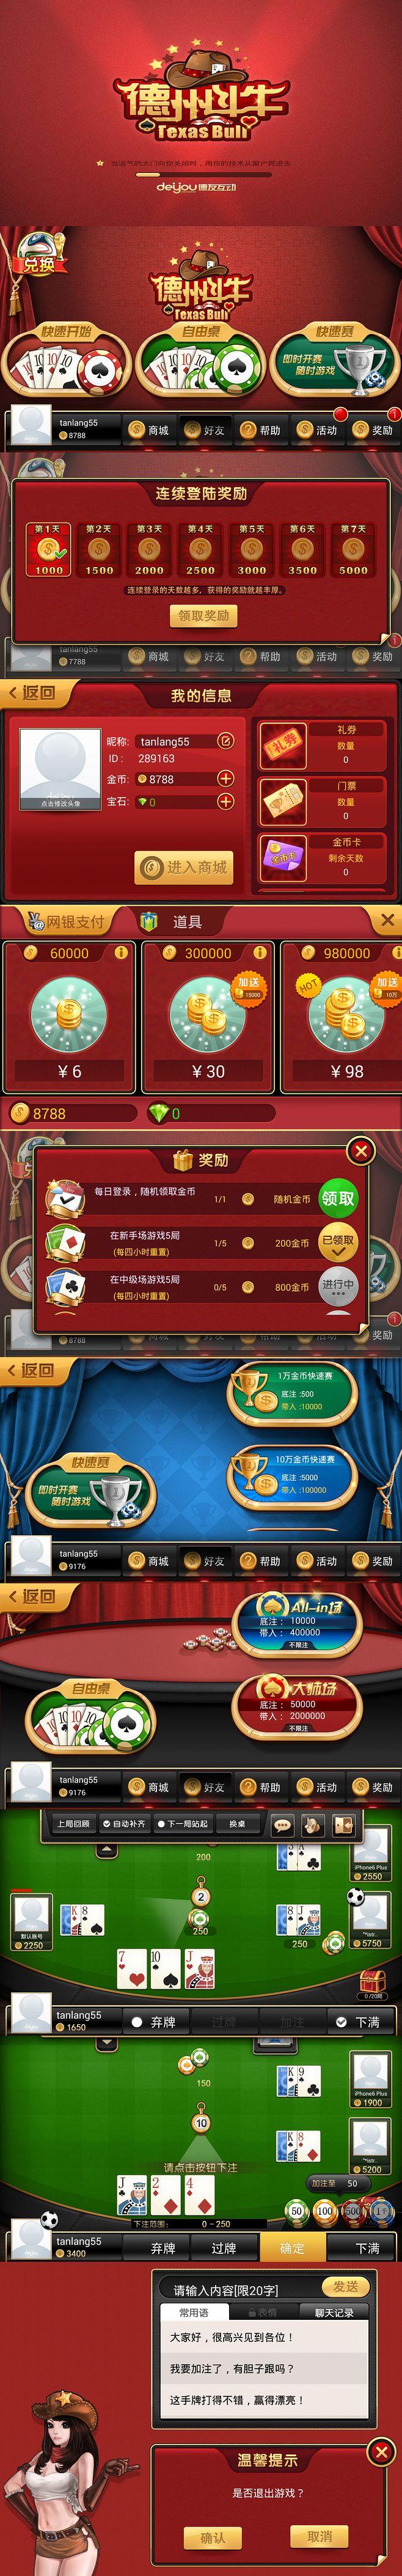 Casino game ui